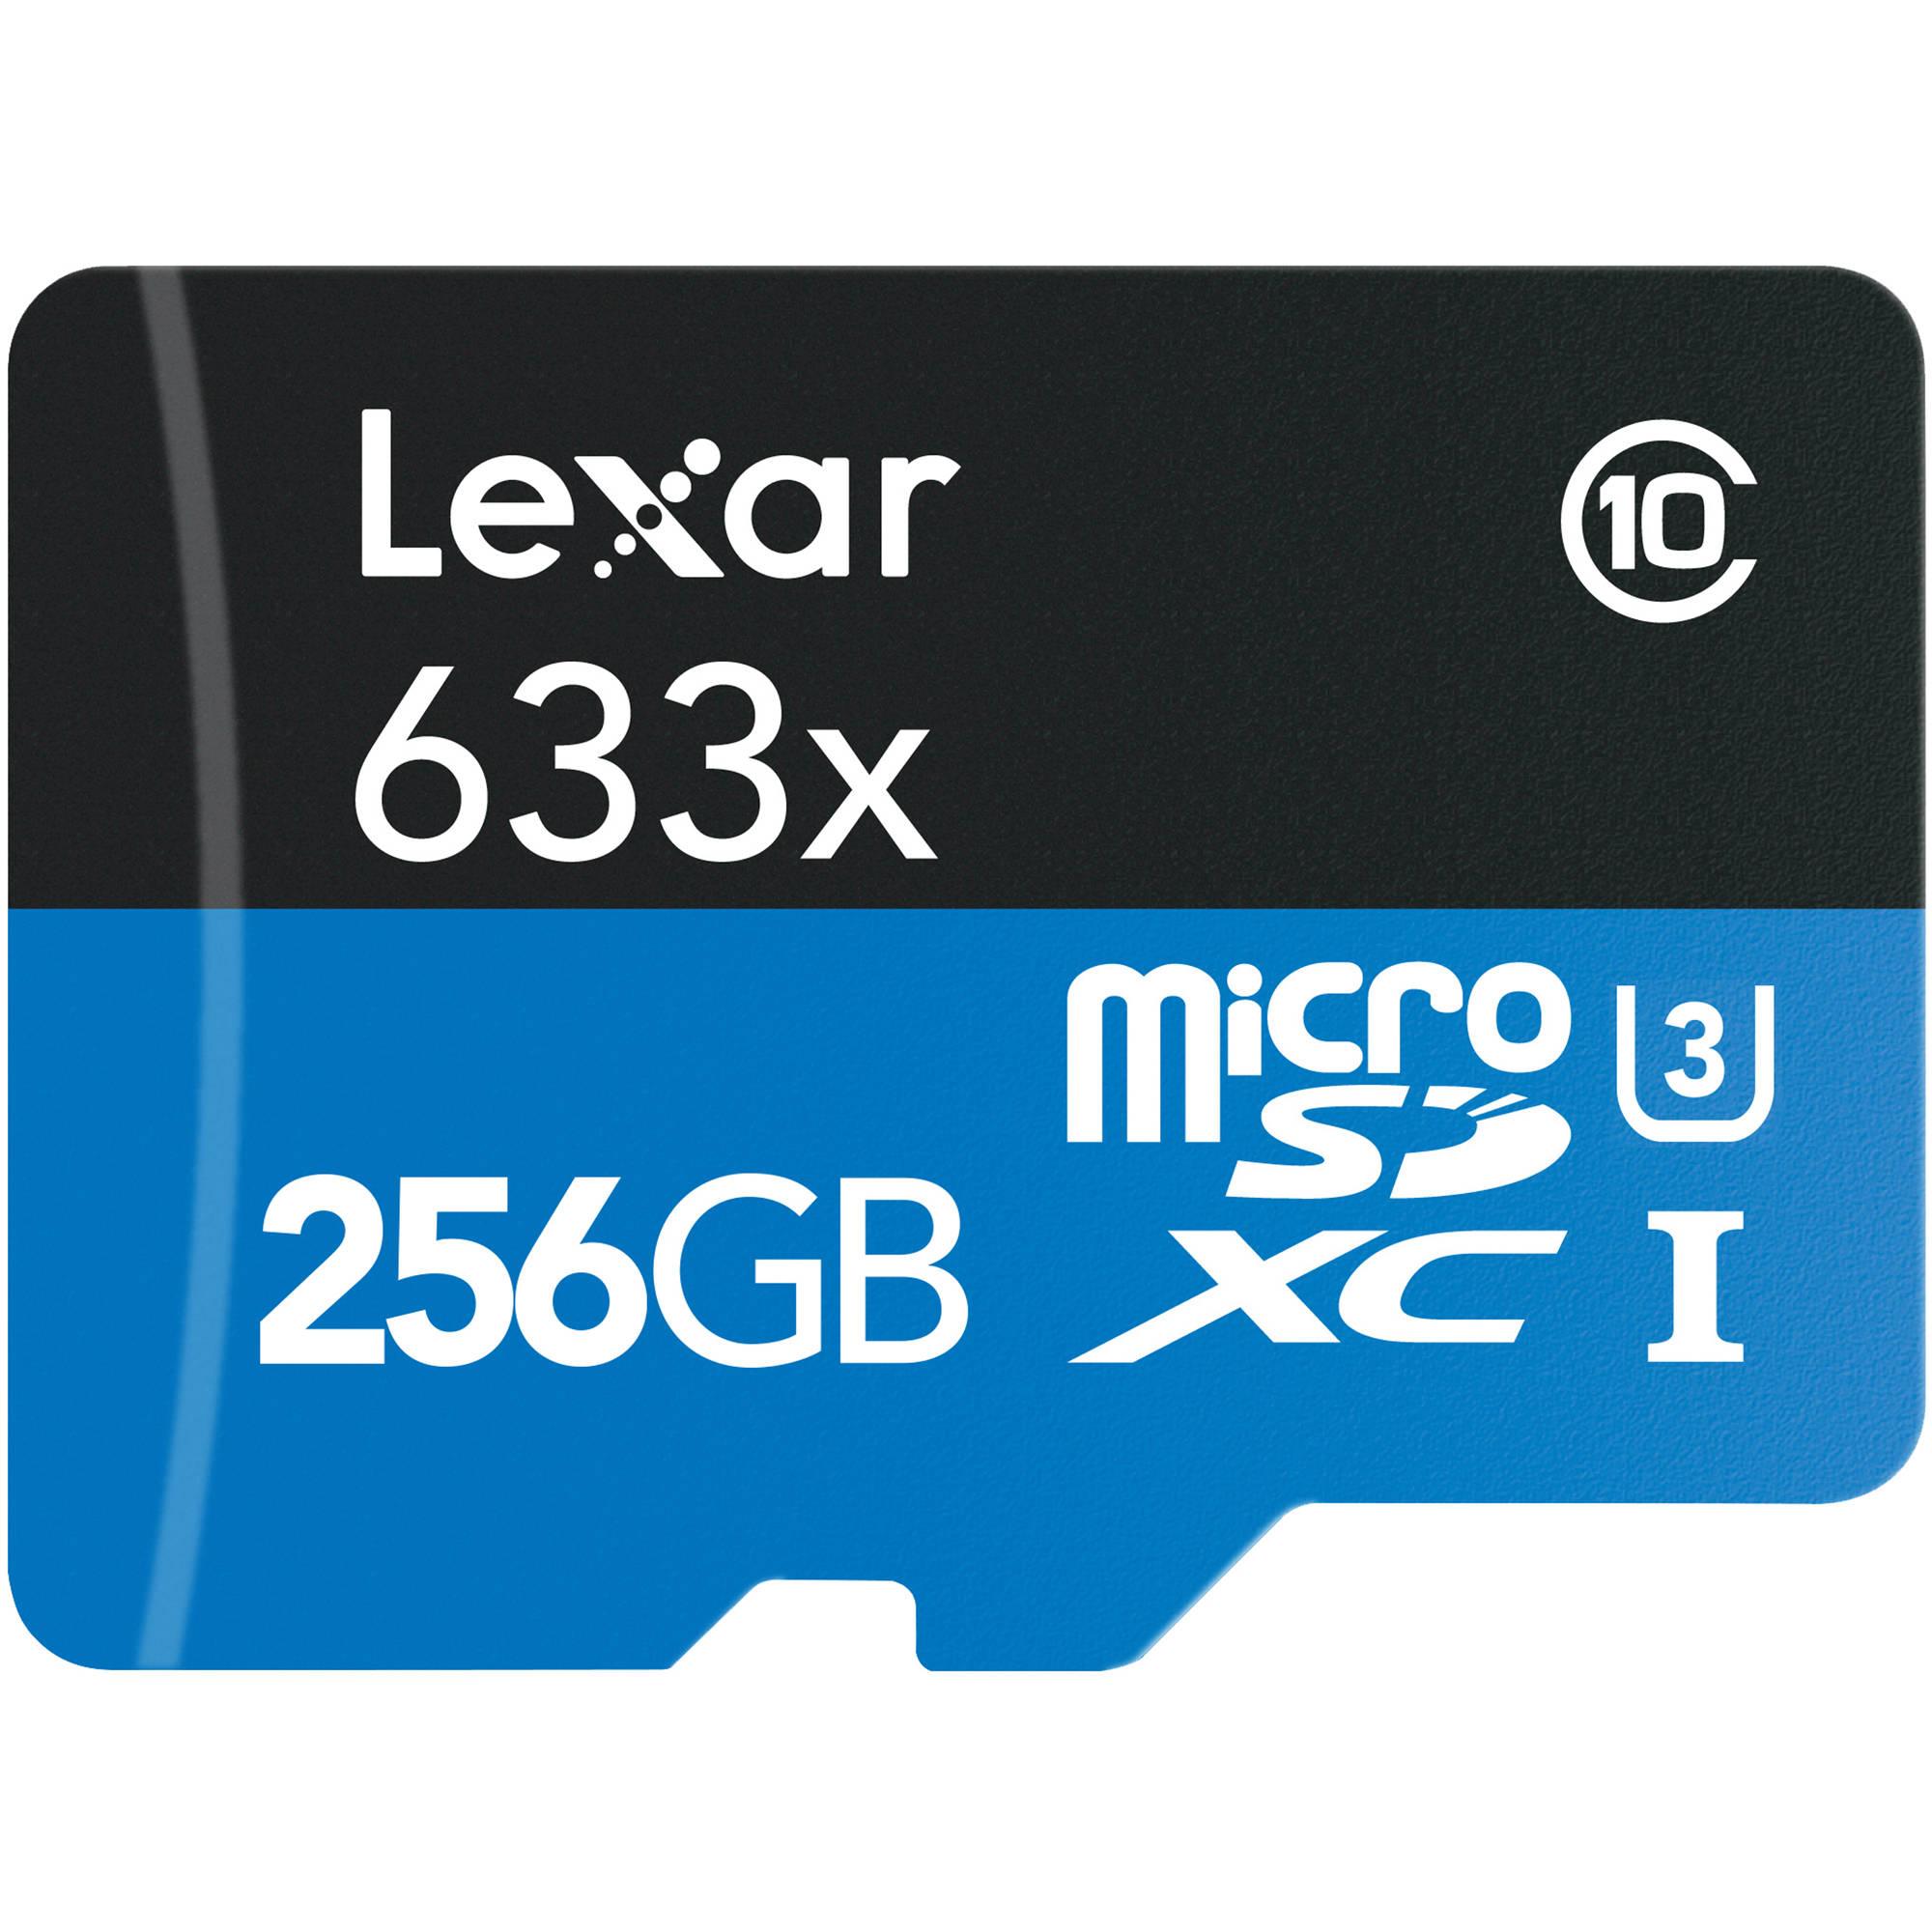 Preciazos Lexar  633x U3 originales de todos los tamaños por tiempo limitado